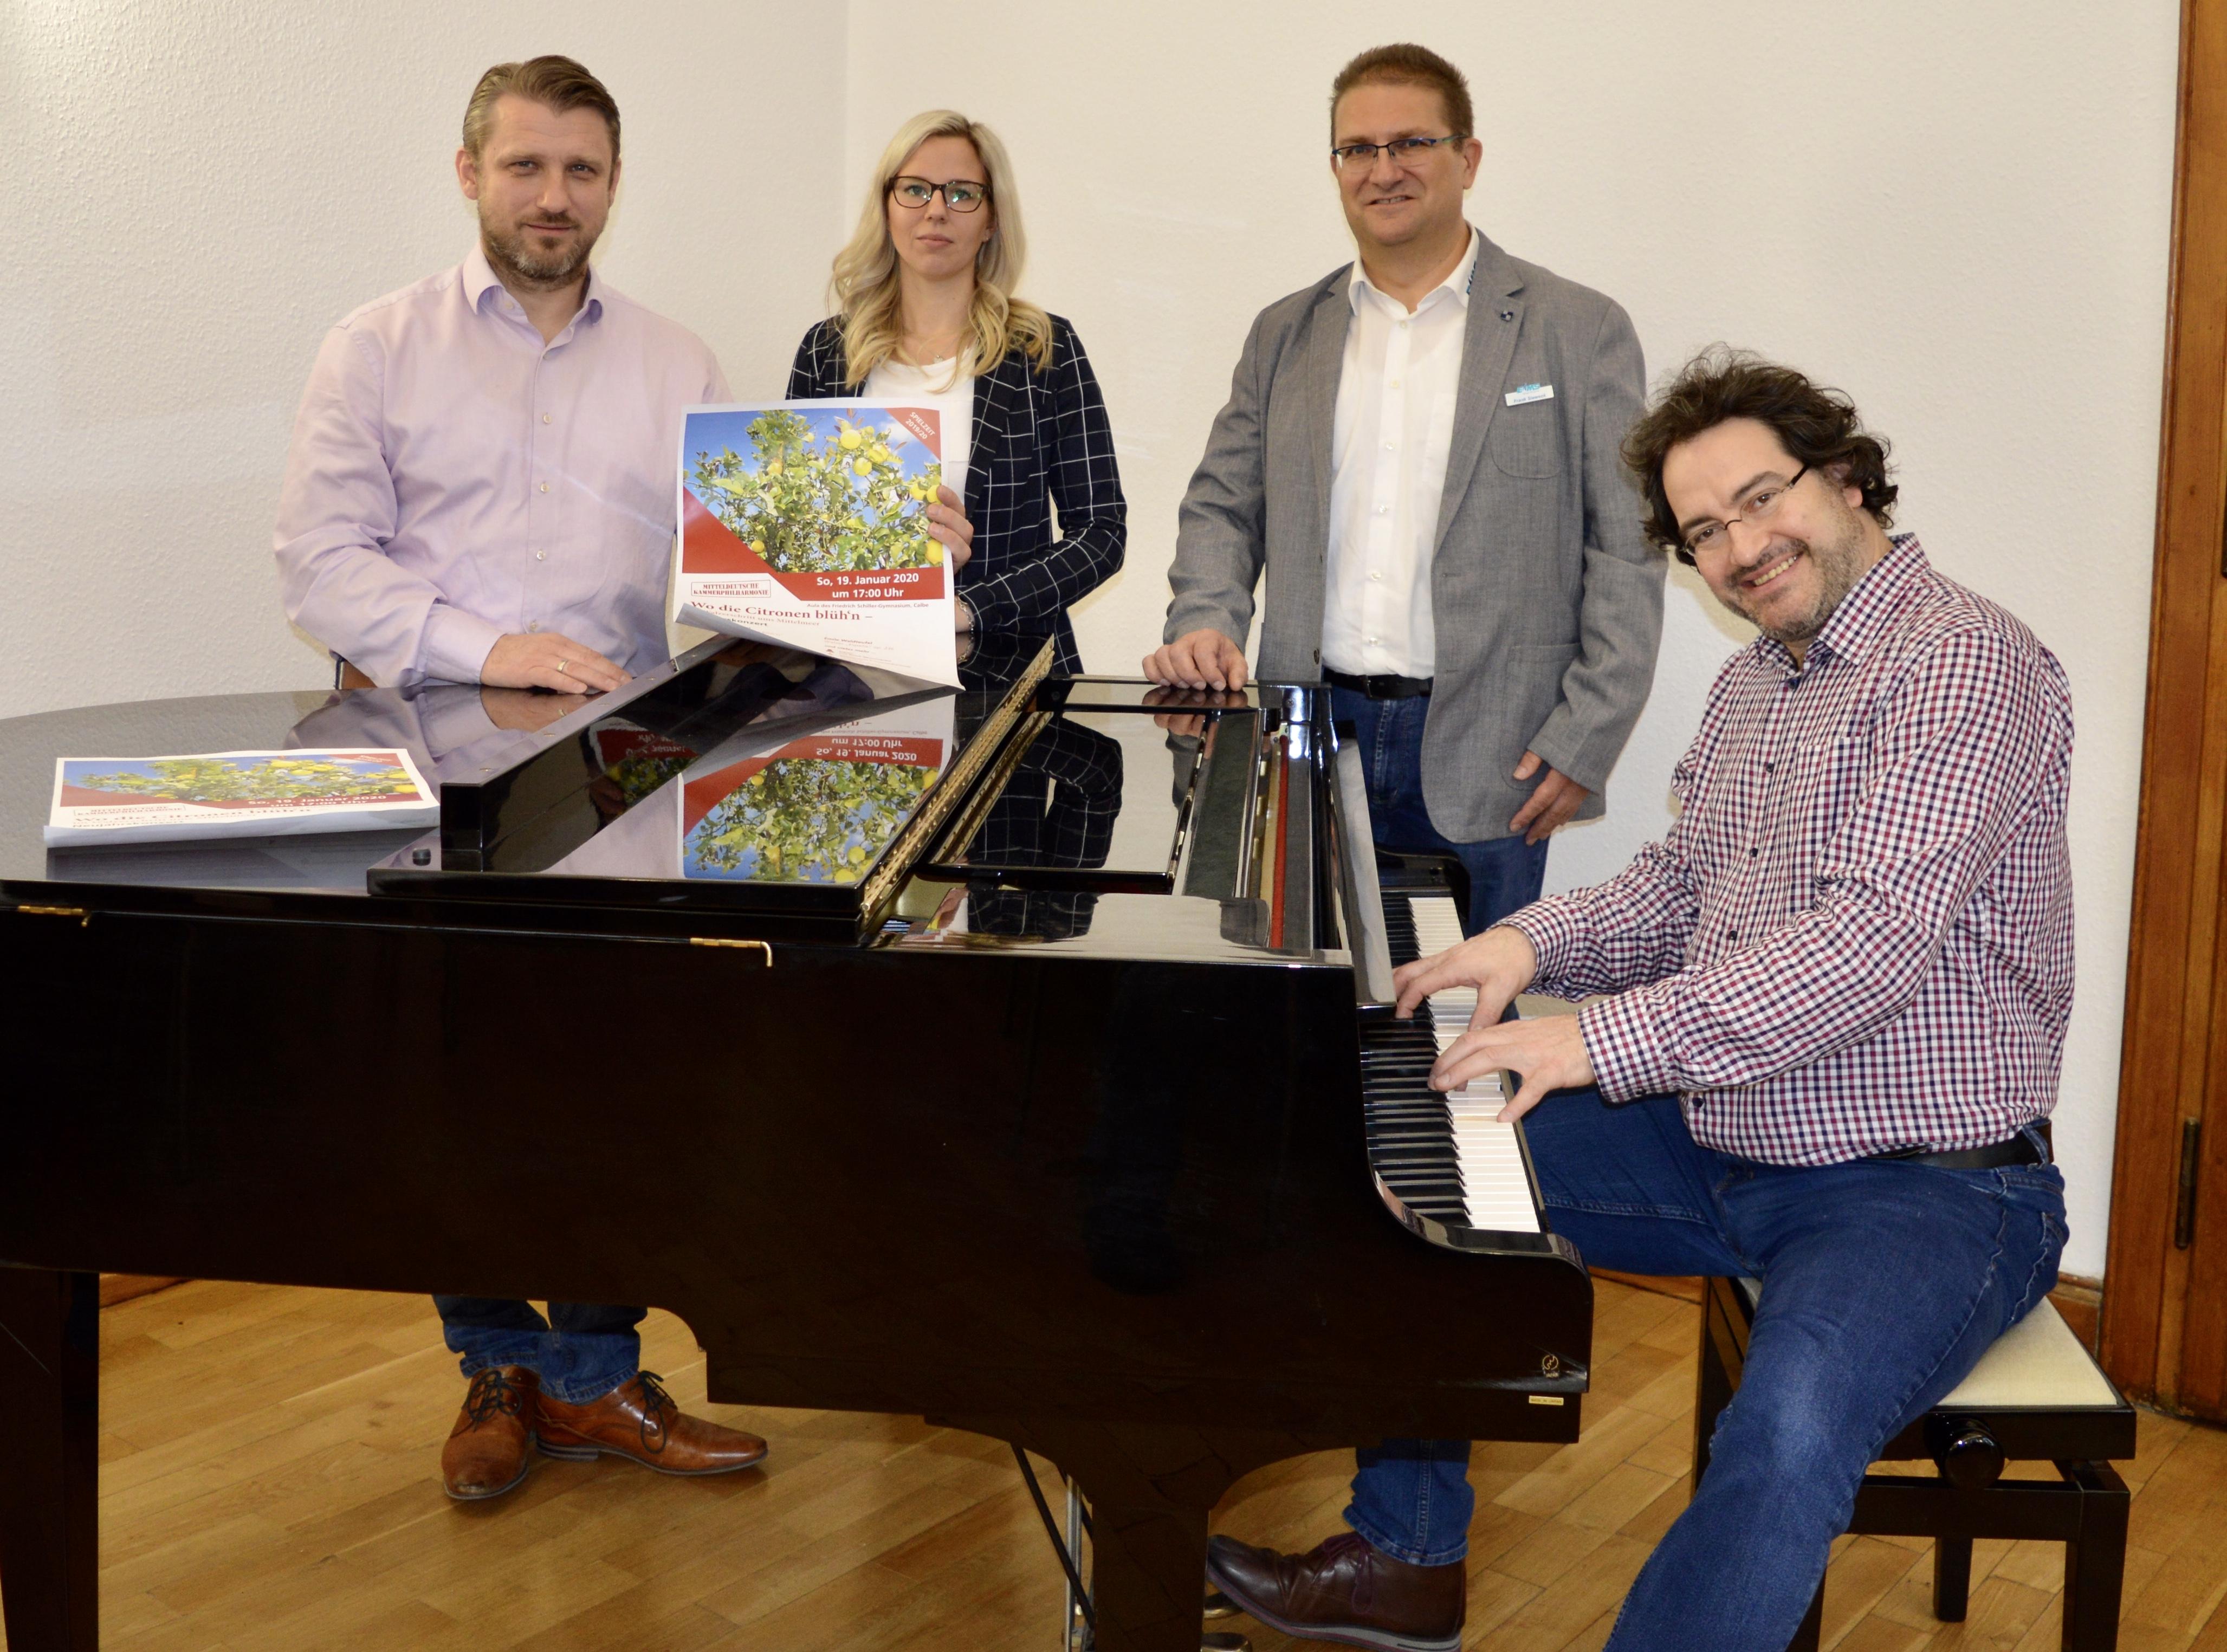 v.l. Bürgermeister Sven Hause,  Sophie Daniel (Stadt Calbe), Frank Sieweck (EMS) und Chefdirigent Jan Michael Horstmann (MKP) laden gemeinsam zum Neujahrskonzert ein.